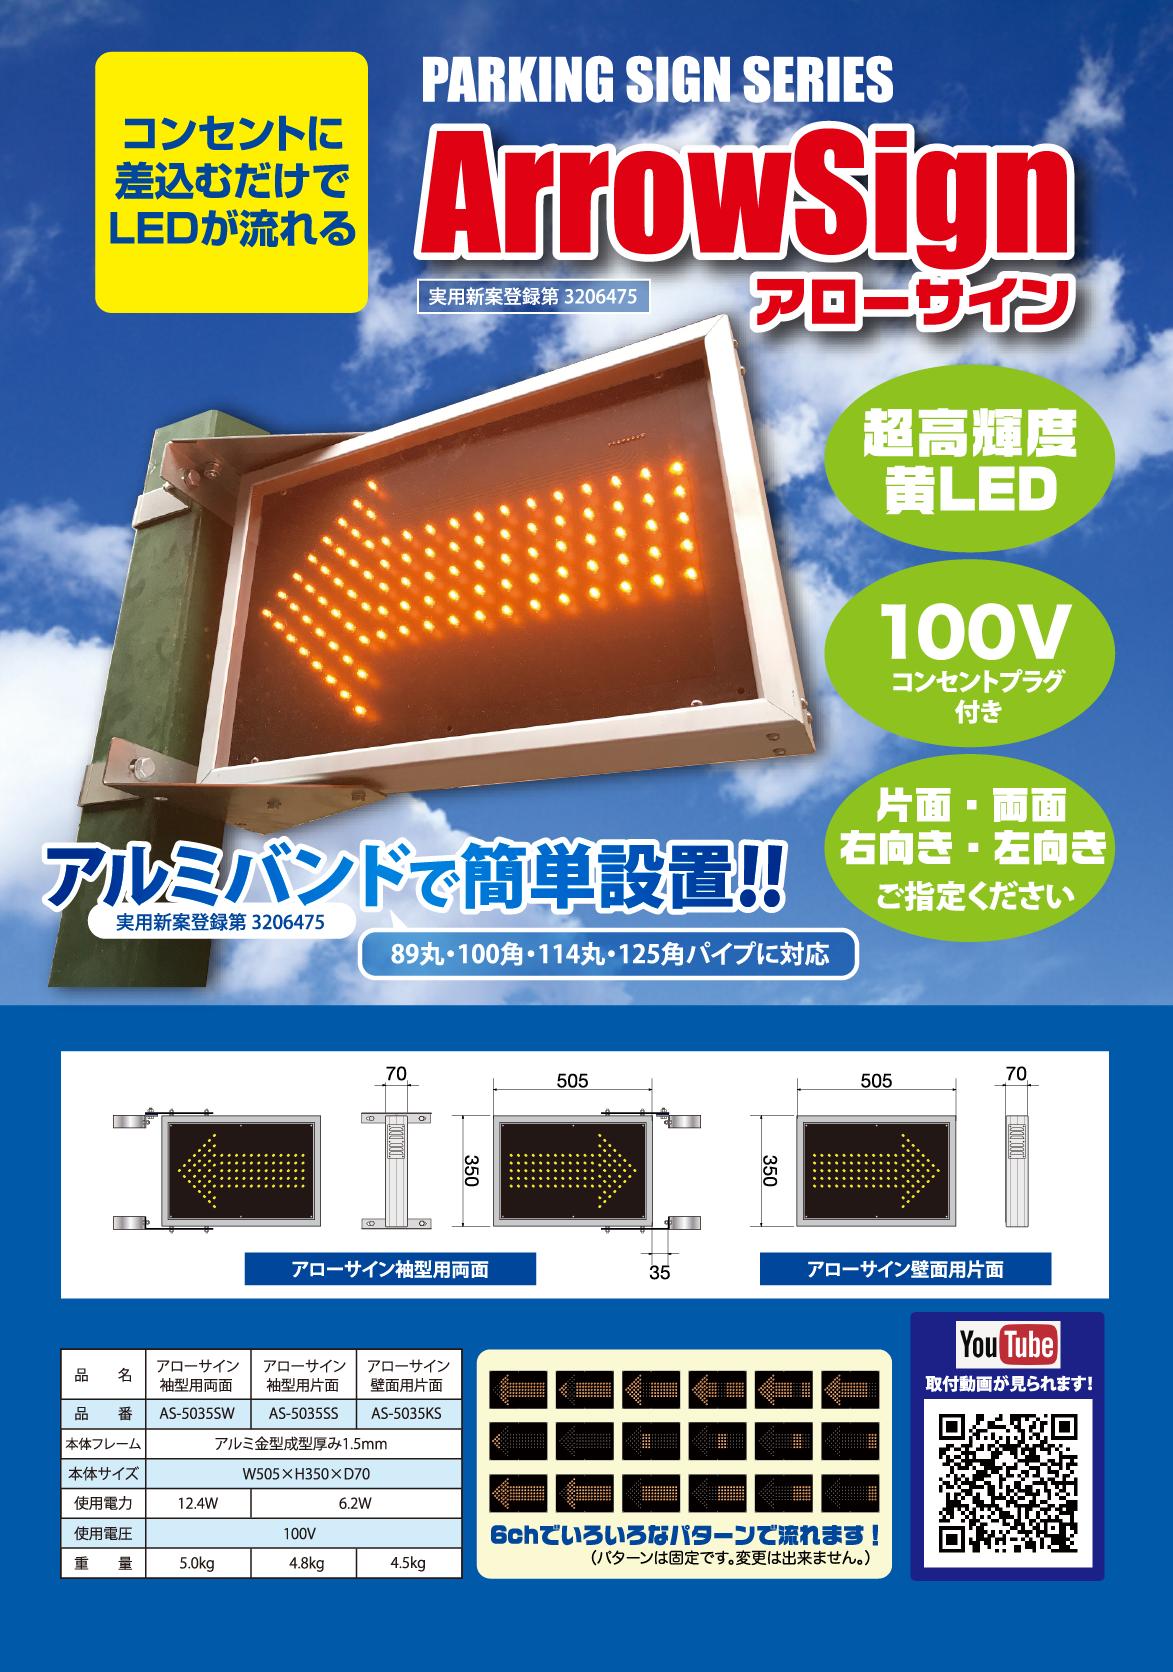 アローサイン 超高輝度な黄色LEDの矢印看板のご紹介画像です。